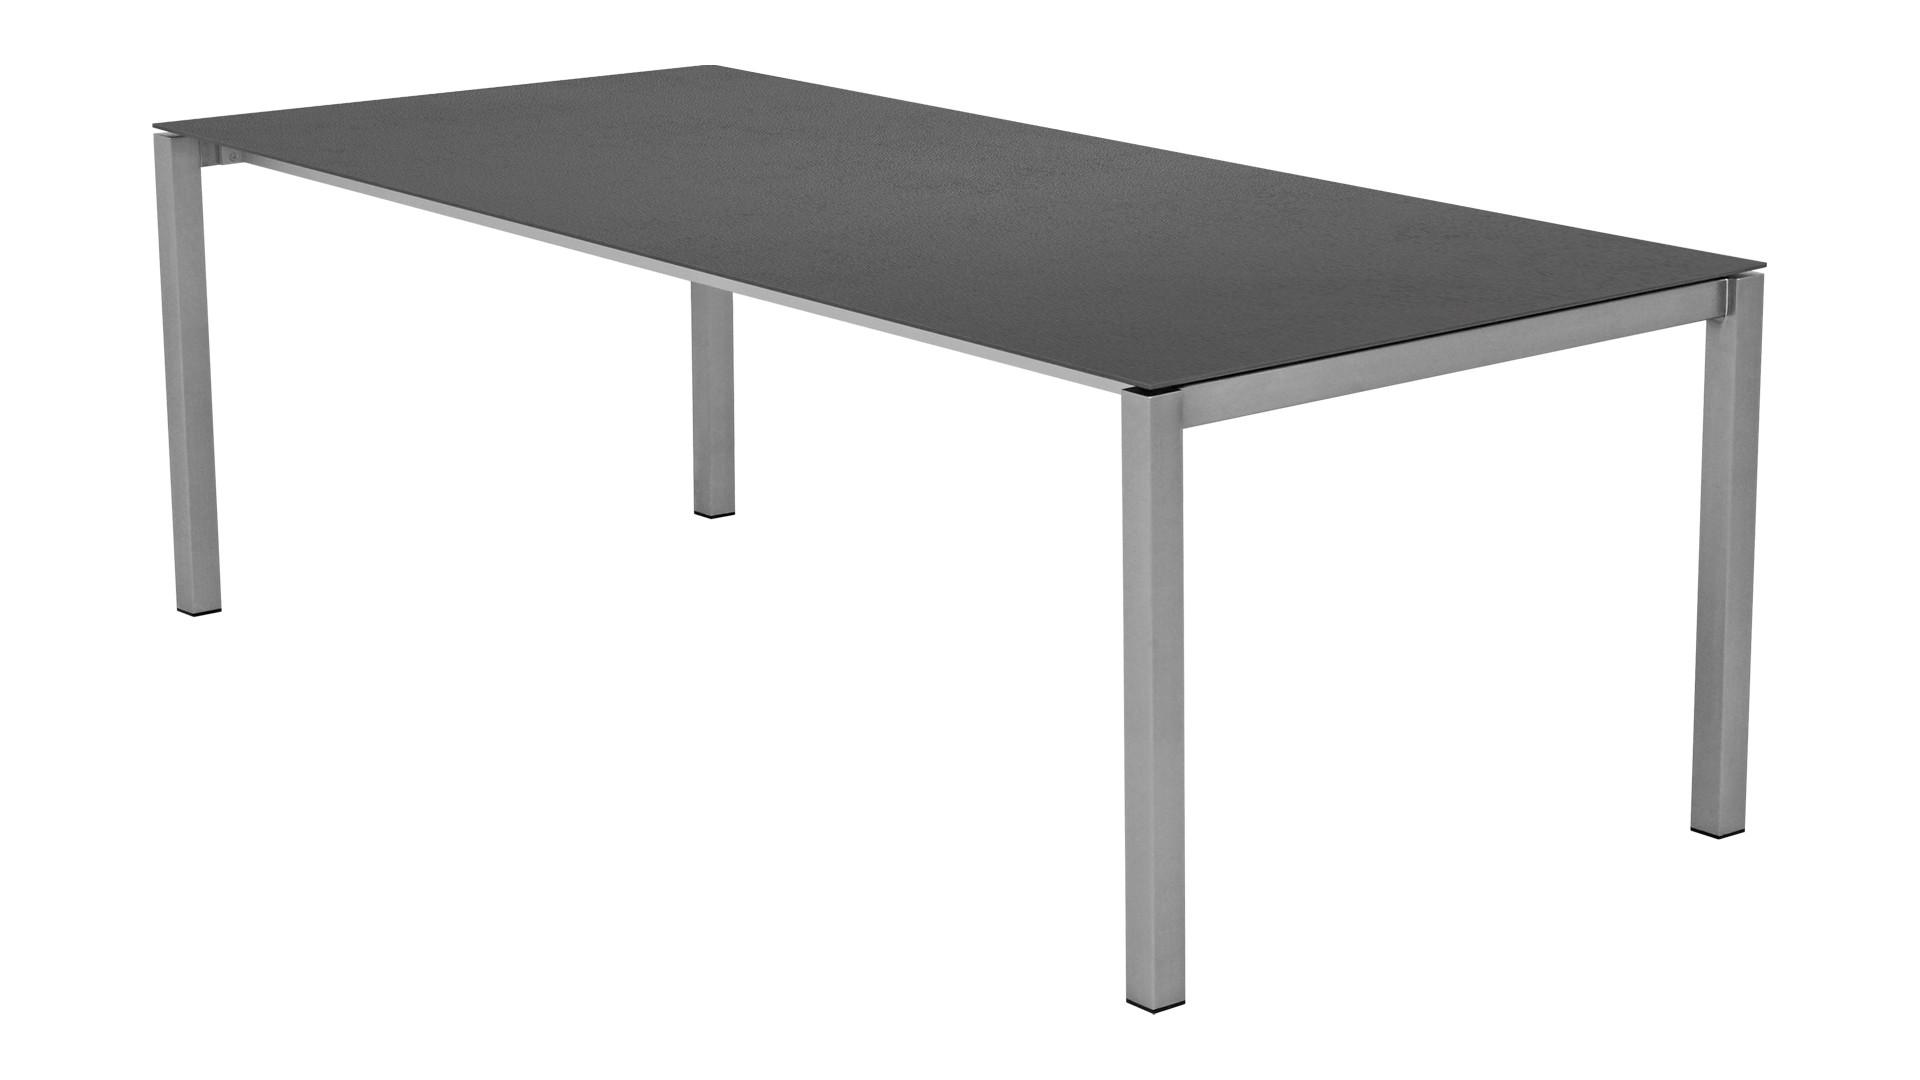 Keramik-Auszug-Tisch Garnitur MAXIM 220/280 (inkl. 8 Stk. Stühlen) 11